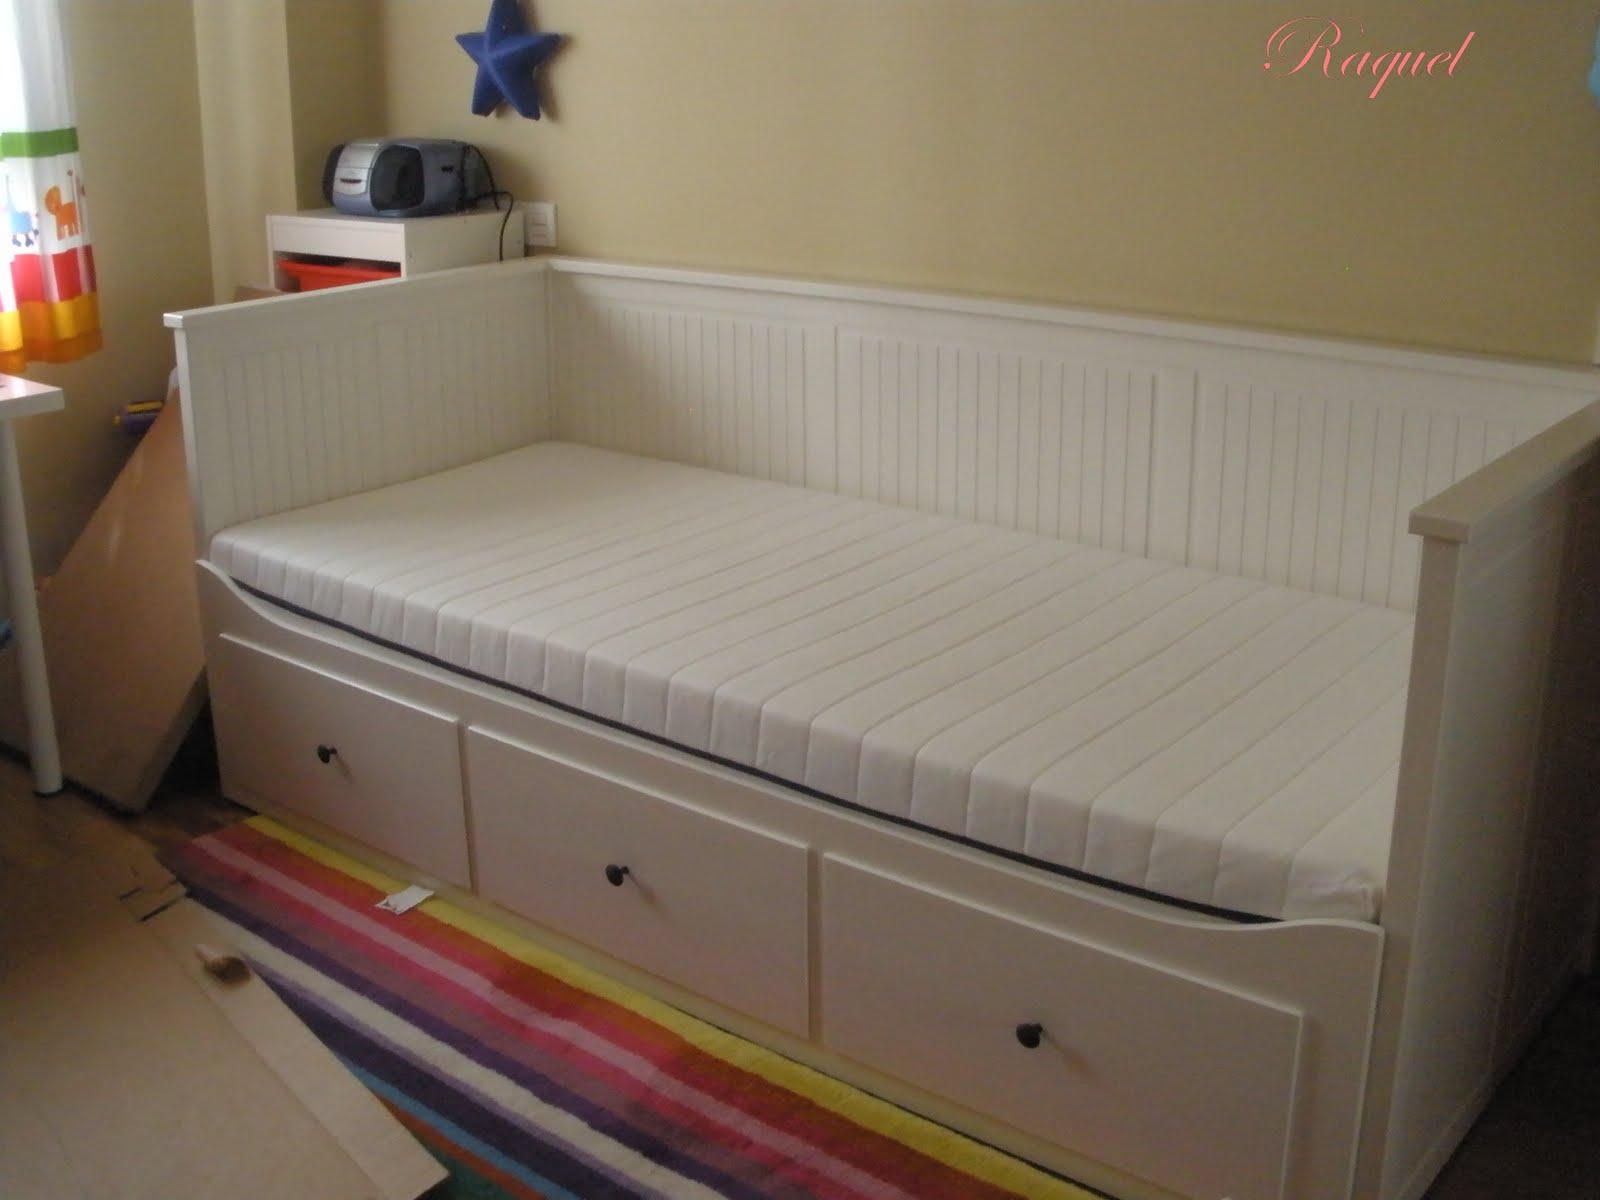 Arriba en el desv n operaci n cambio de dormitorio ii nuevos muebles - Muebles el desvan ...